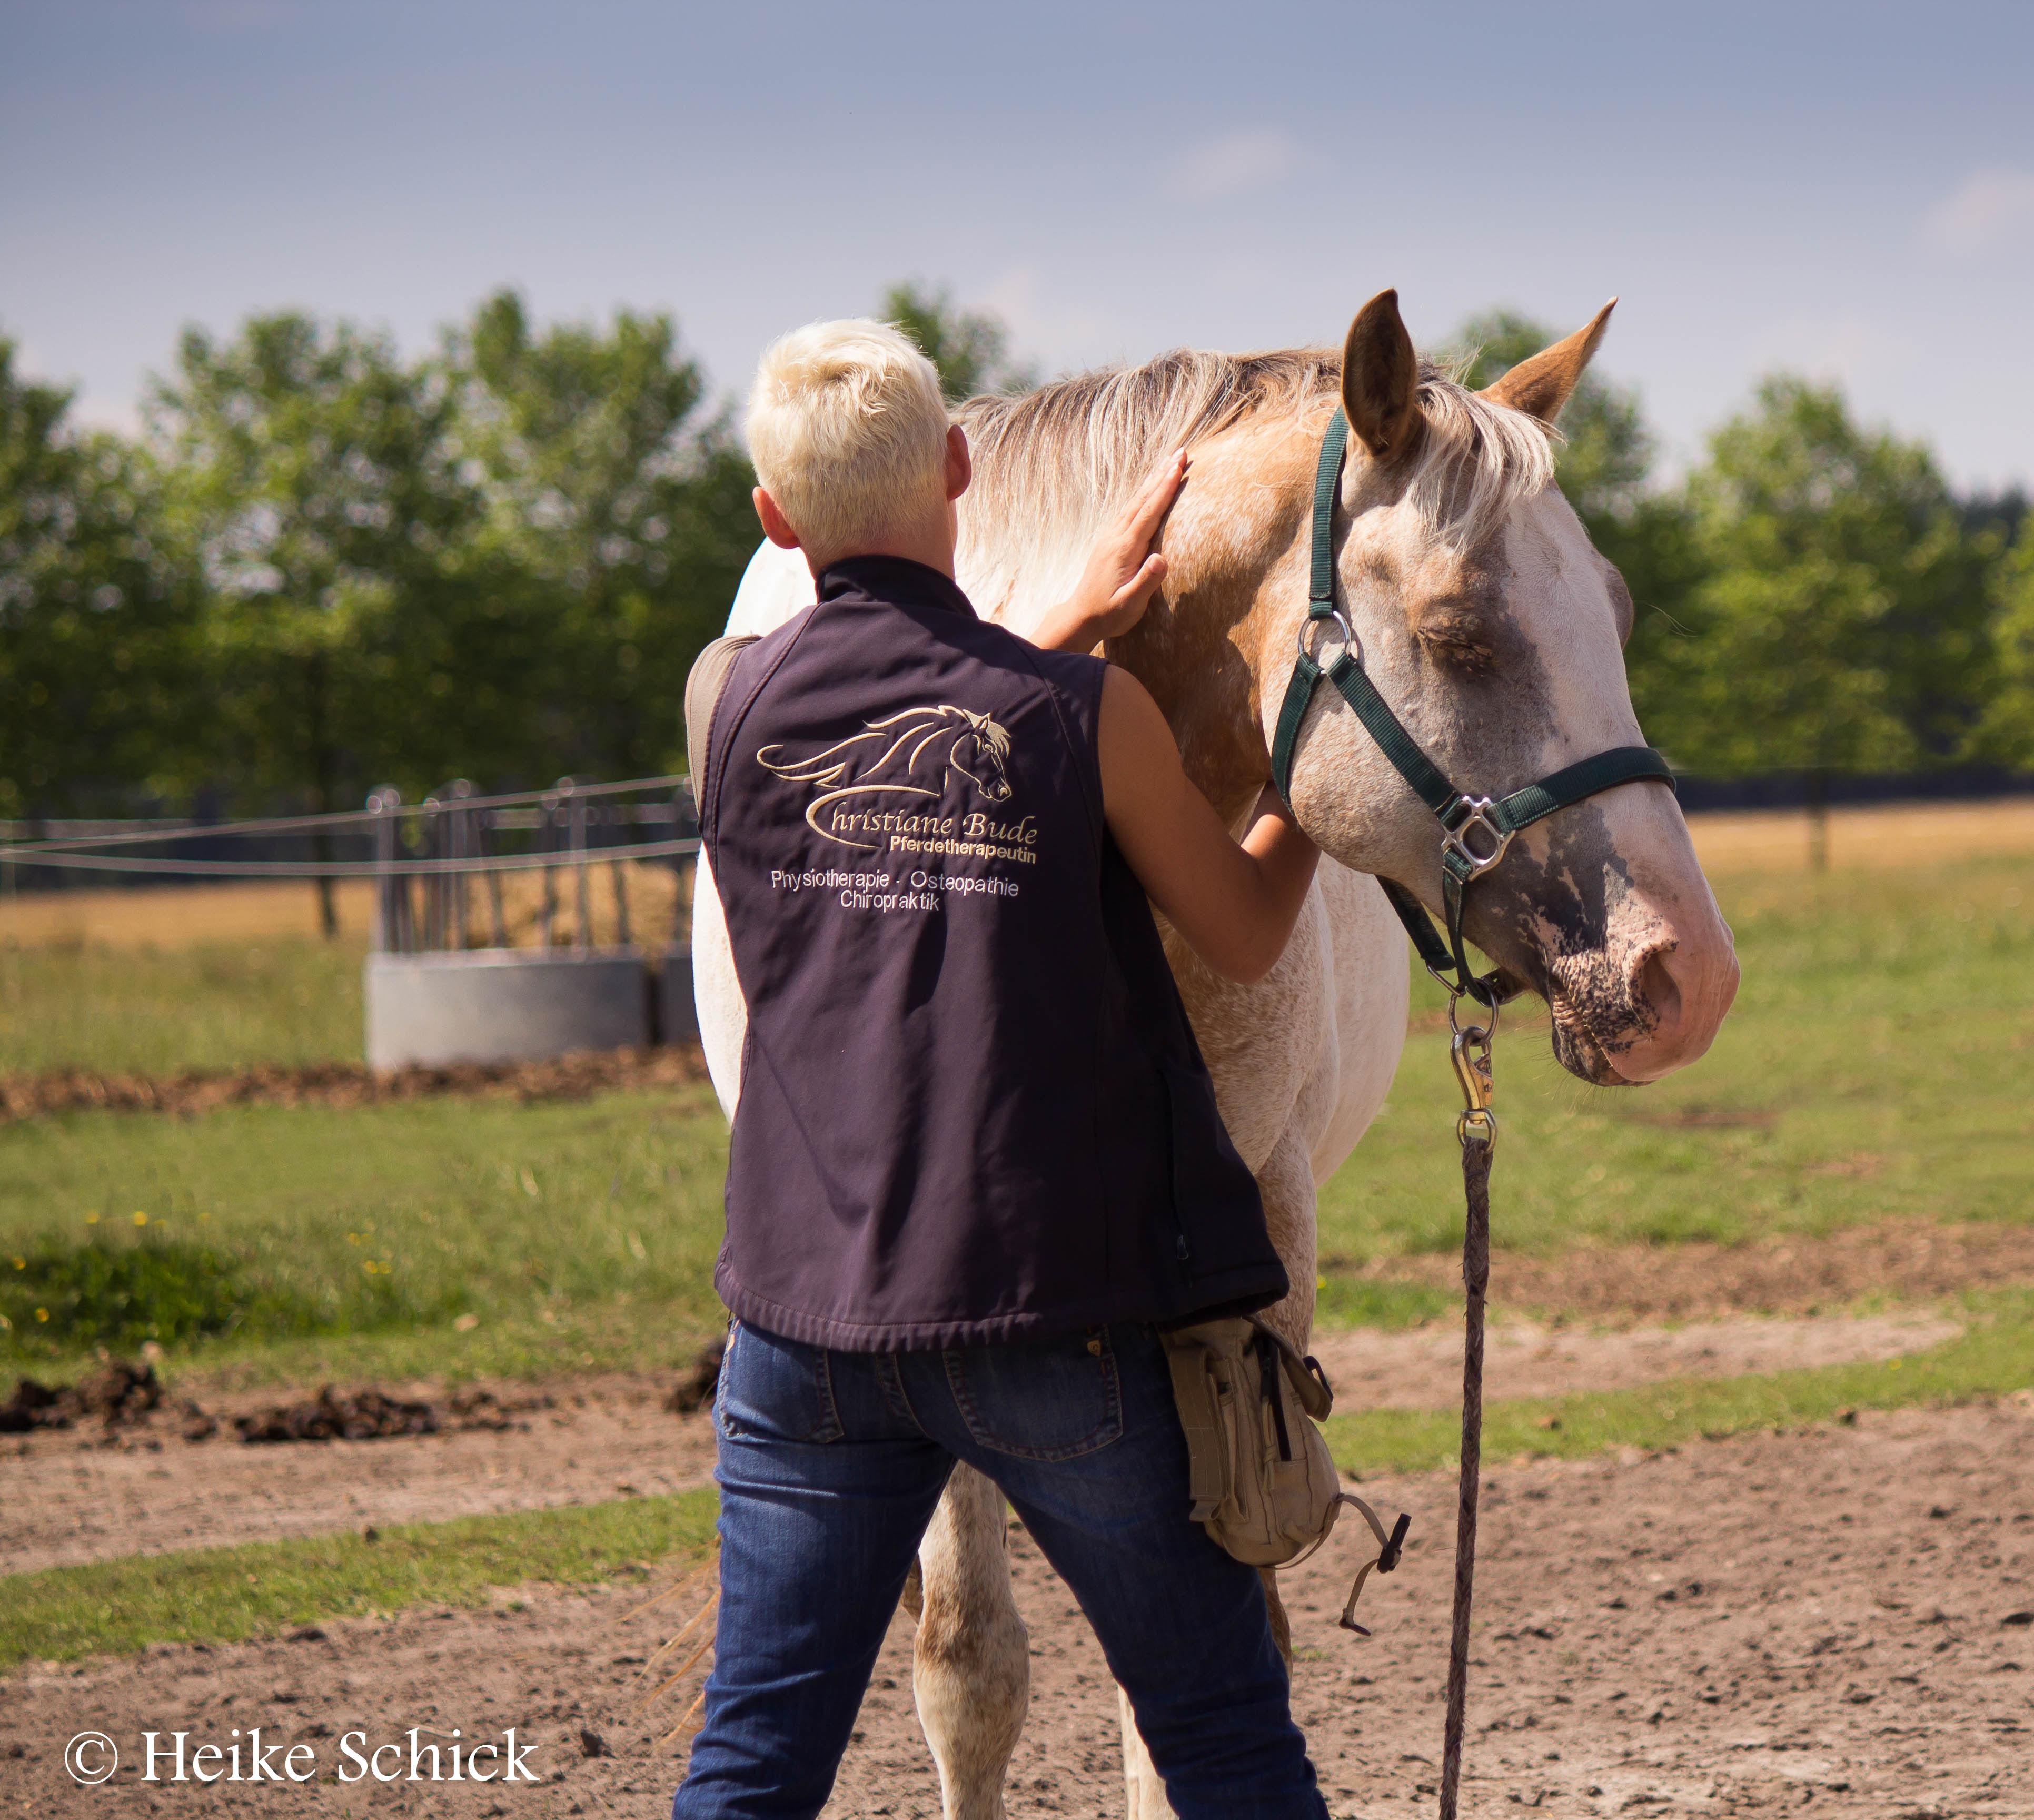 osteopath f r pferde der pferdespezialist physiotherapie osteopathie chiropraktik. Black Bedroom Furniture Sets. Home Design Ideas